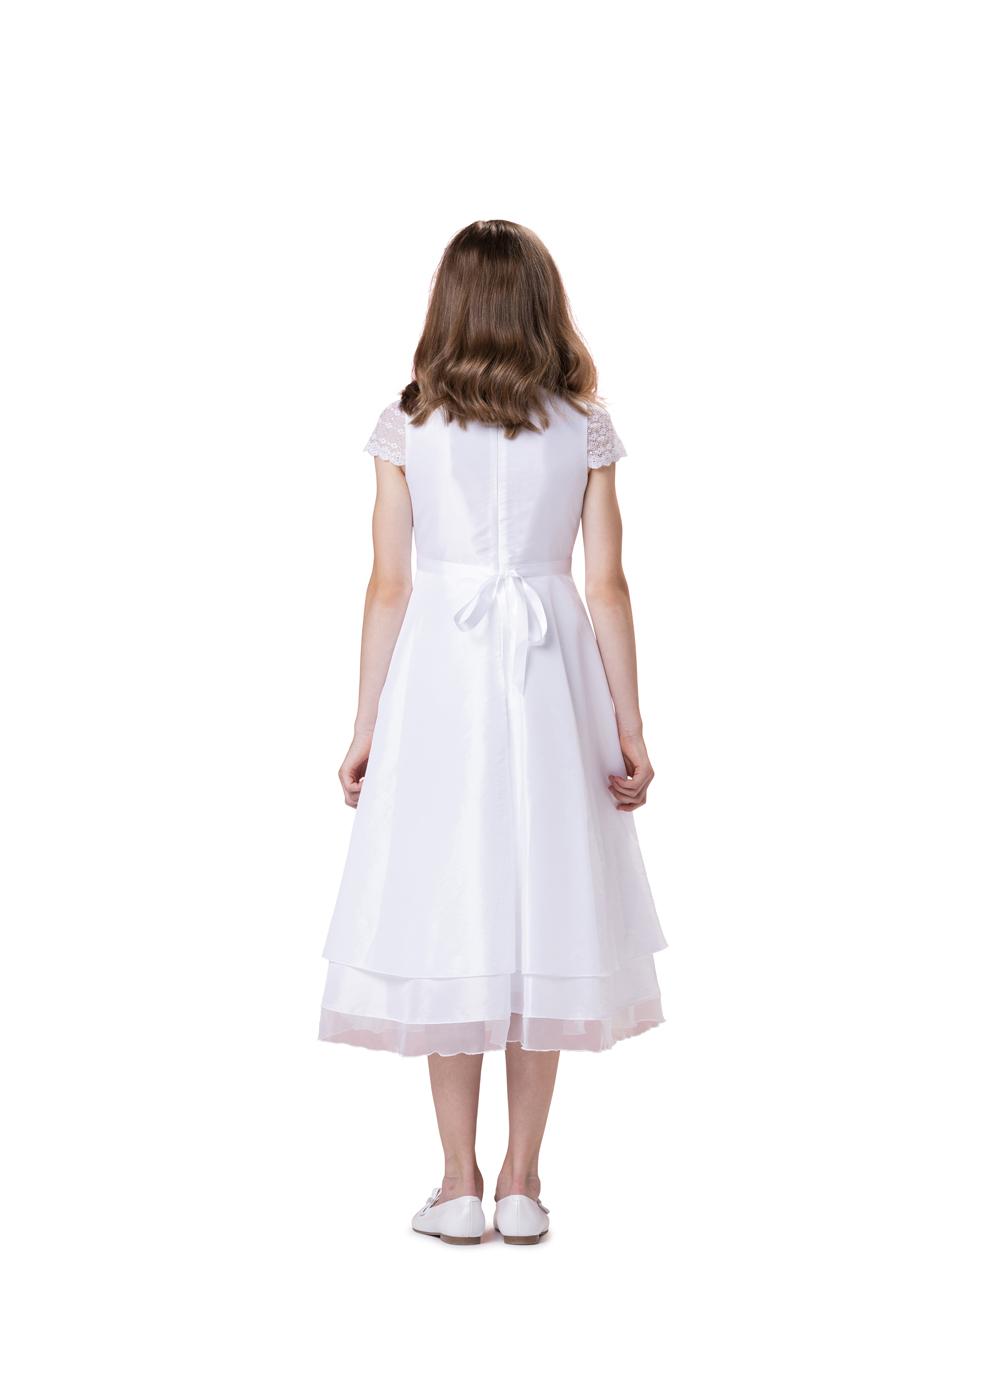 Biancorella Kommunionkleid in Satin und Spitze - Modell 554740. Klassisches Kleid mit Satinoberteil und wunderschönen Spitzenärmeln und 2 stufigem Rock.Rückenansicht.